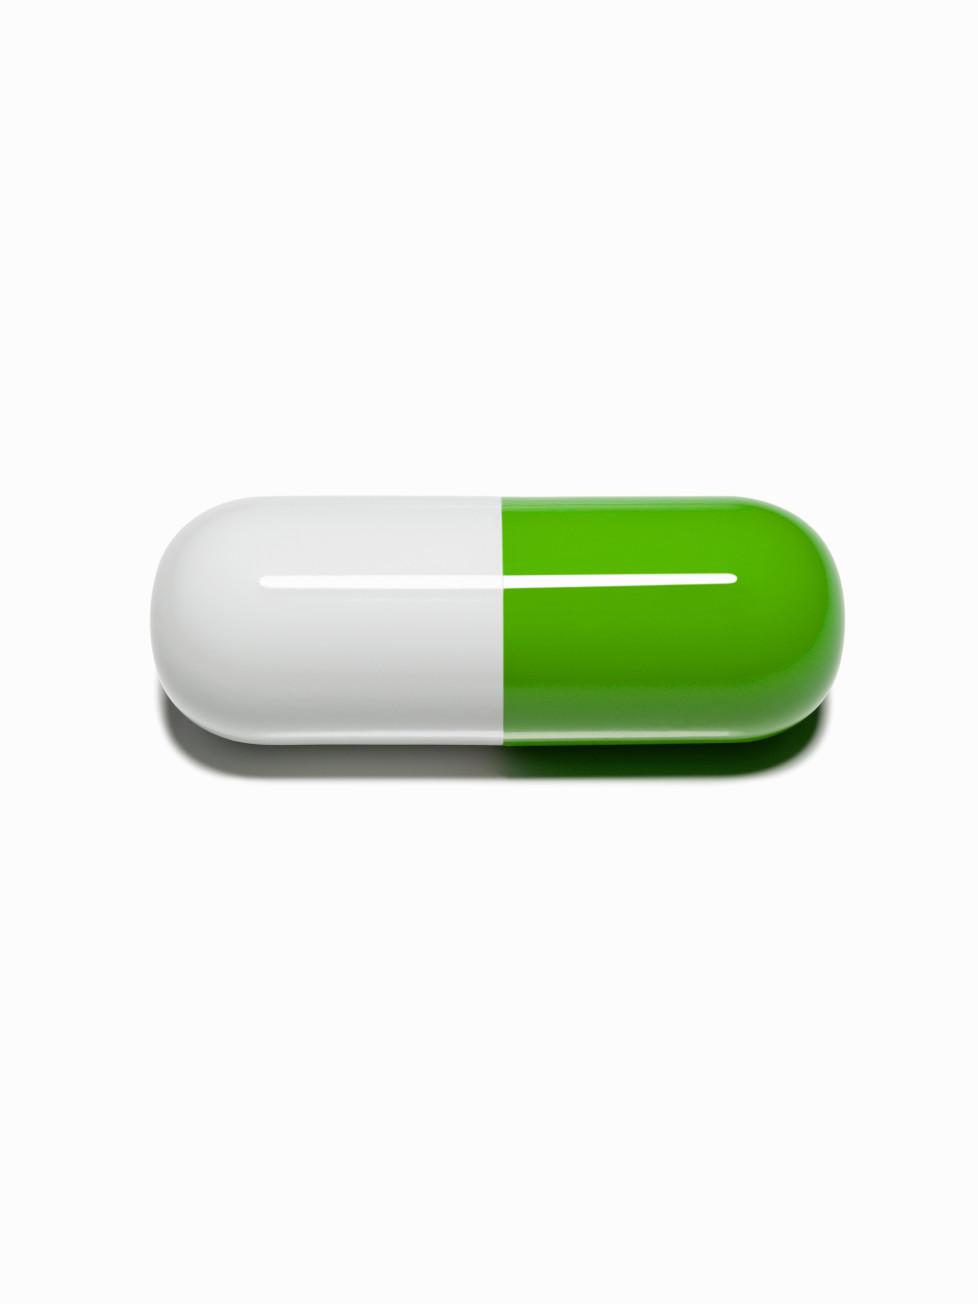 Diskussion um ausufernde Medikamentenpreise: Transaktionen werden angeheizt. Foto: Getty